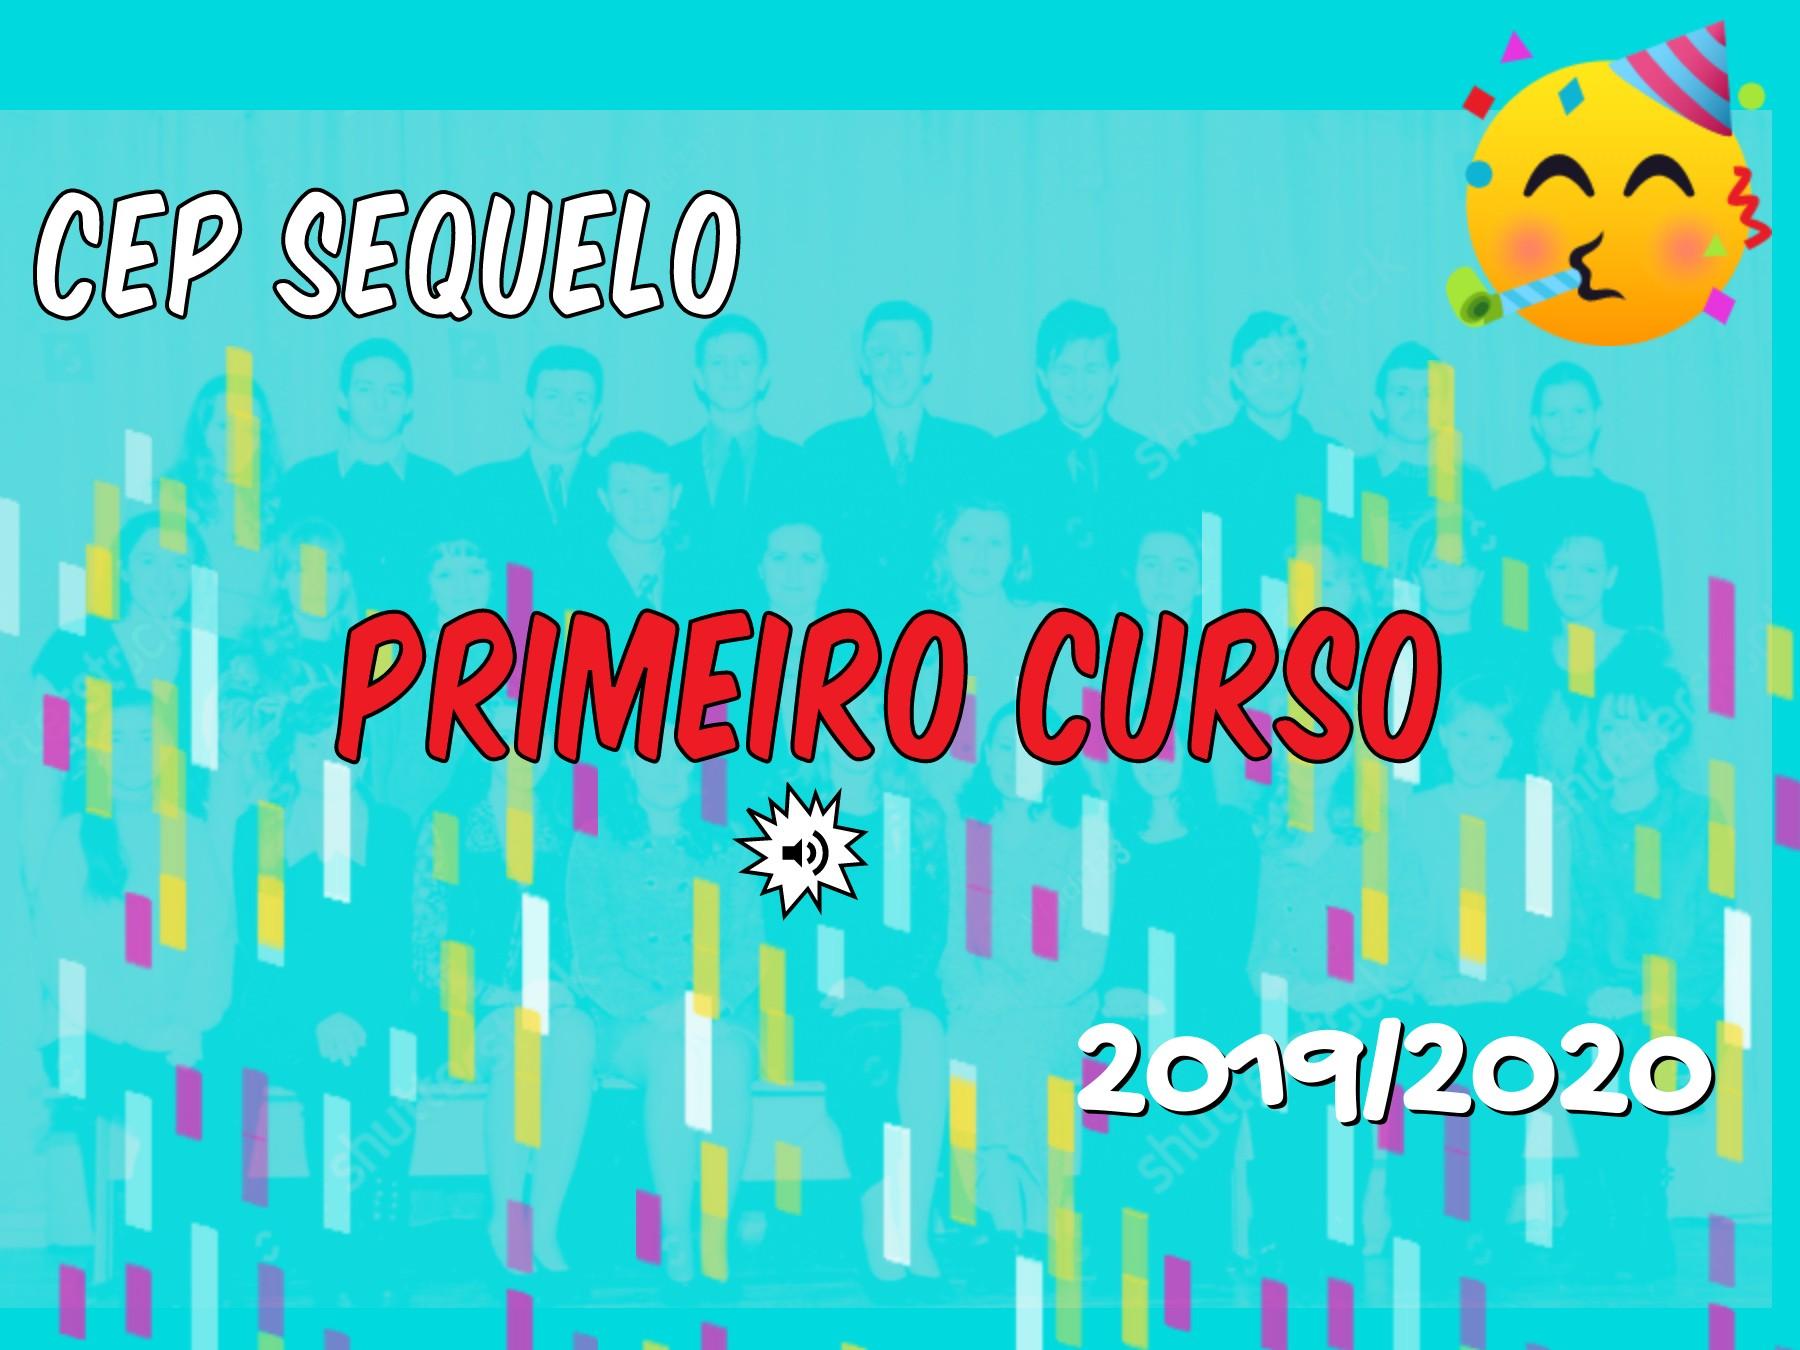 CEP SEQUELO. LIBRO  DE PRIMEIRO 2019/20